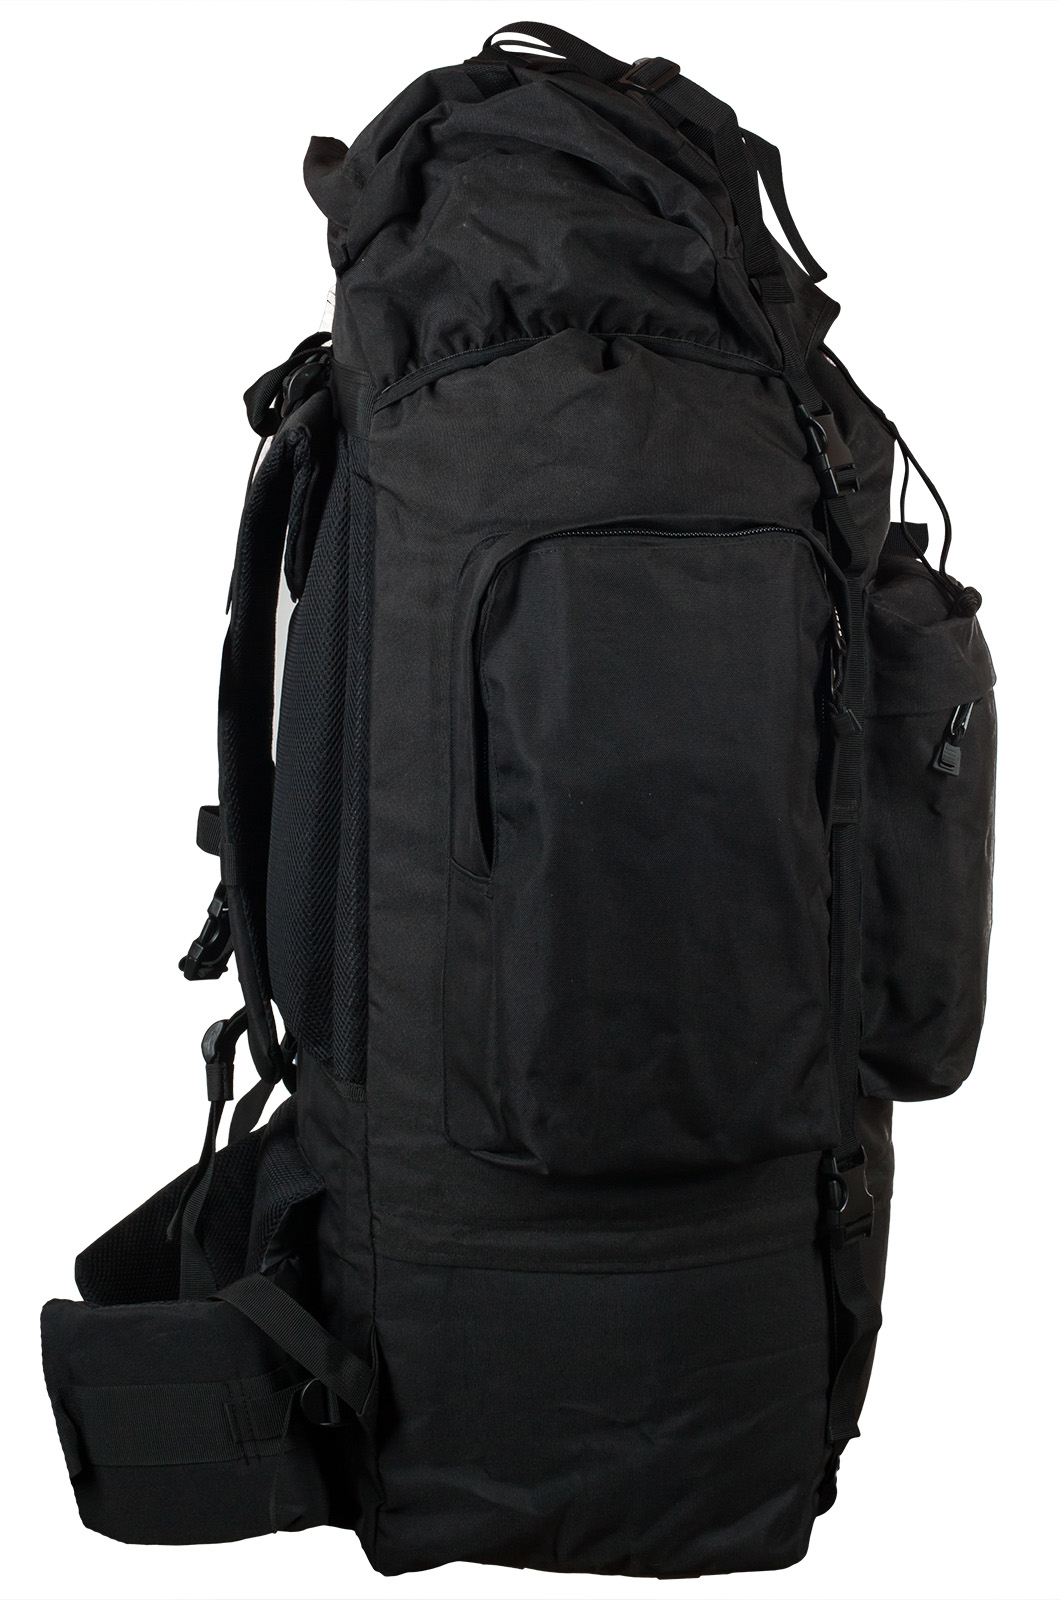 Тактический многодневный рюкзак с нашивкой МВД России купить оптом